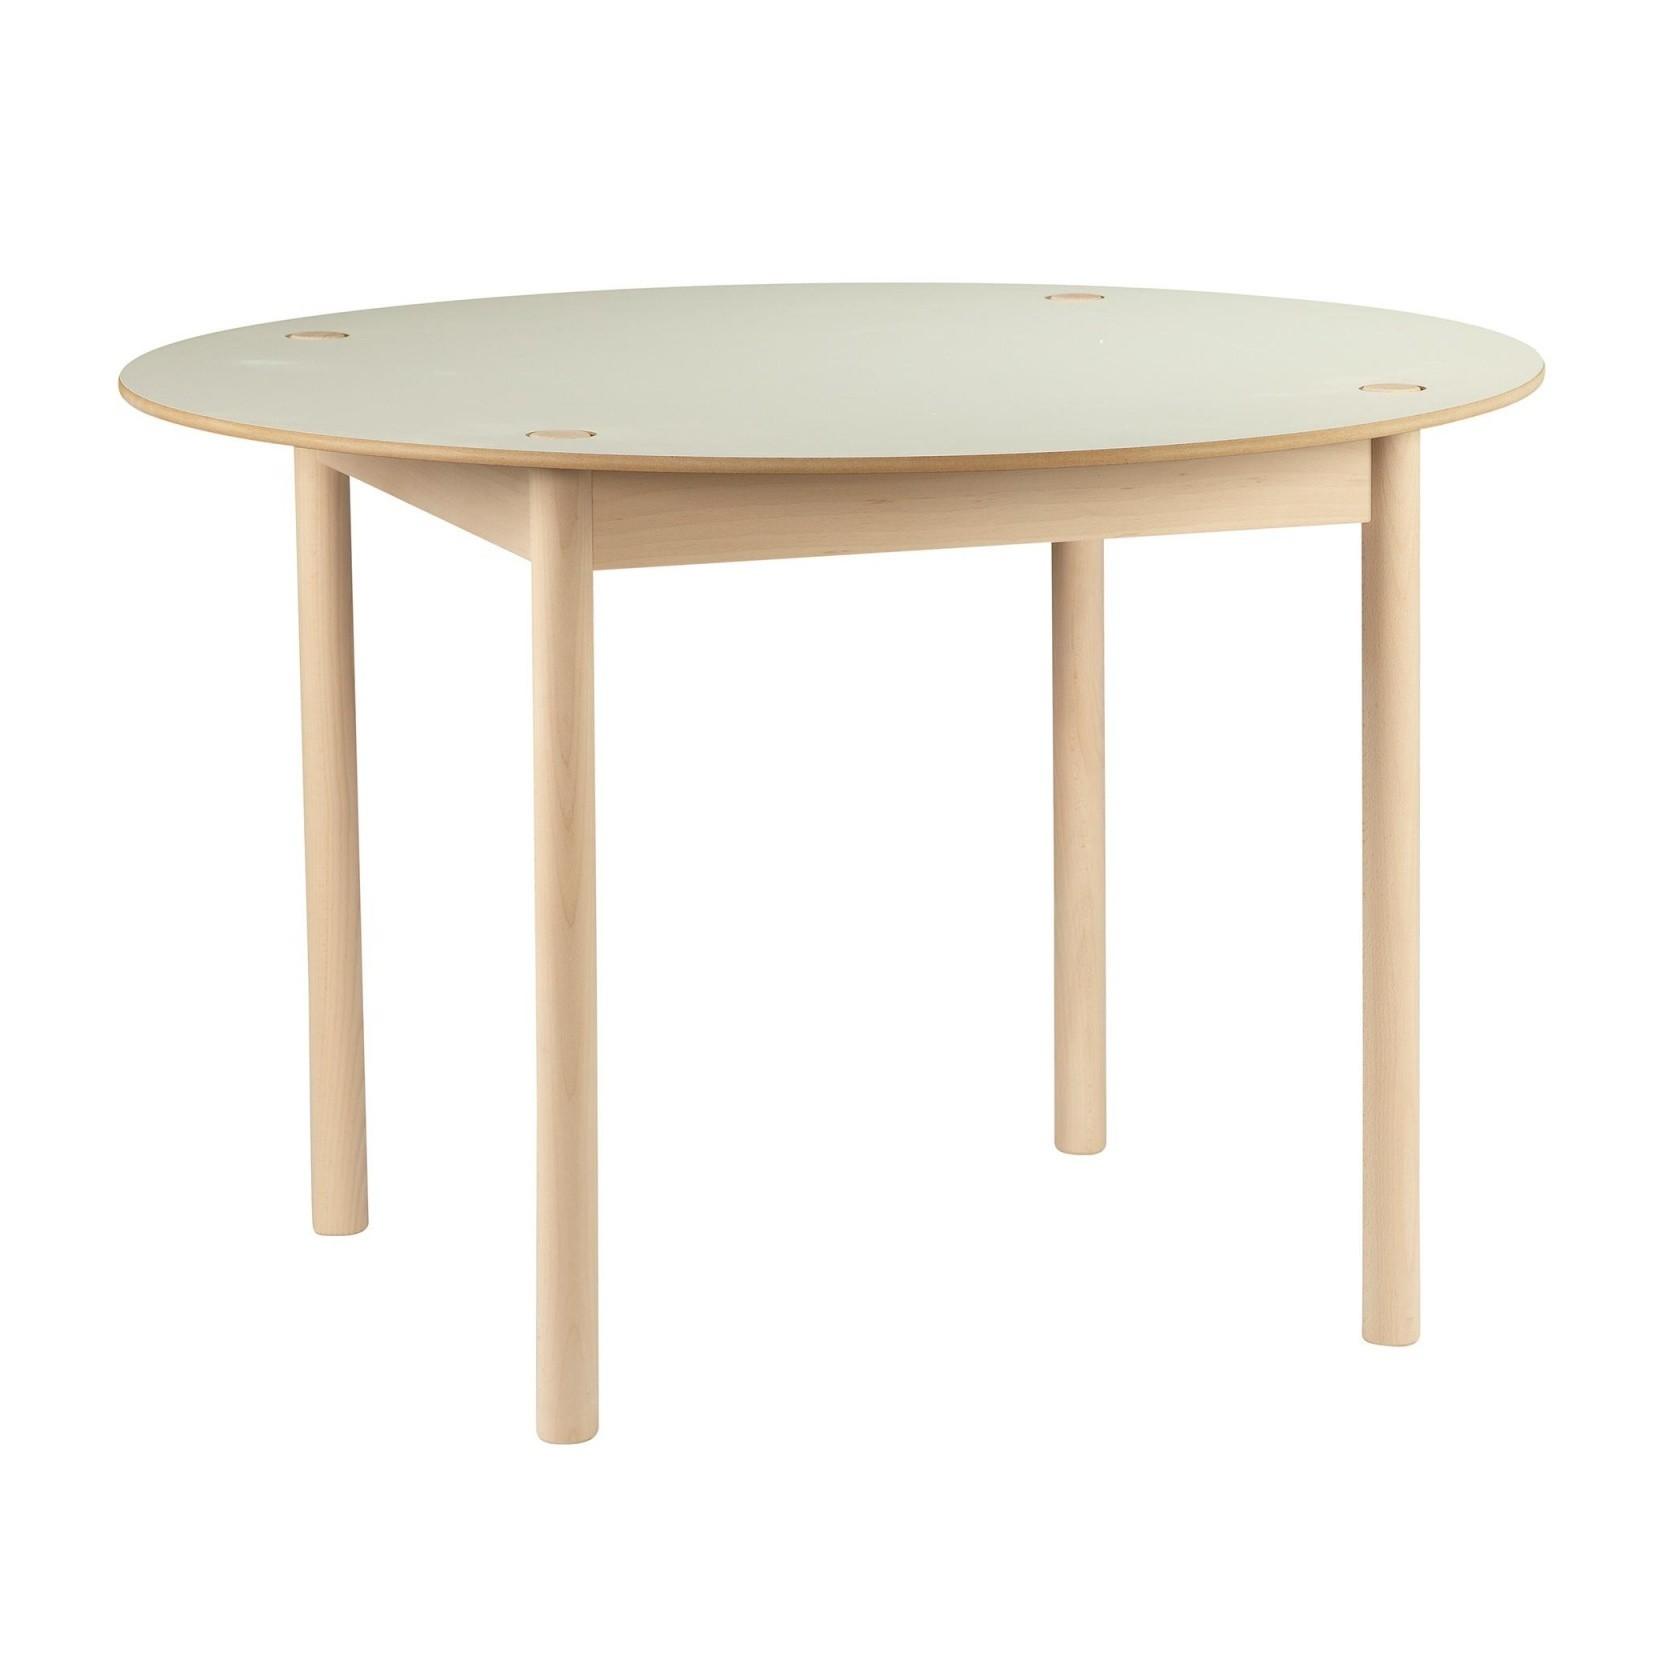 Tisch Rund Schwarz Esstisch Rund Schwarz Wunderbar Wohnideen